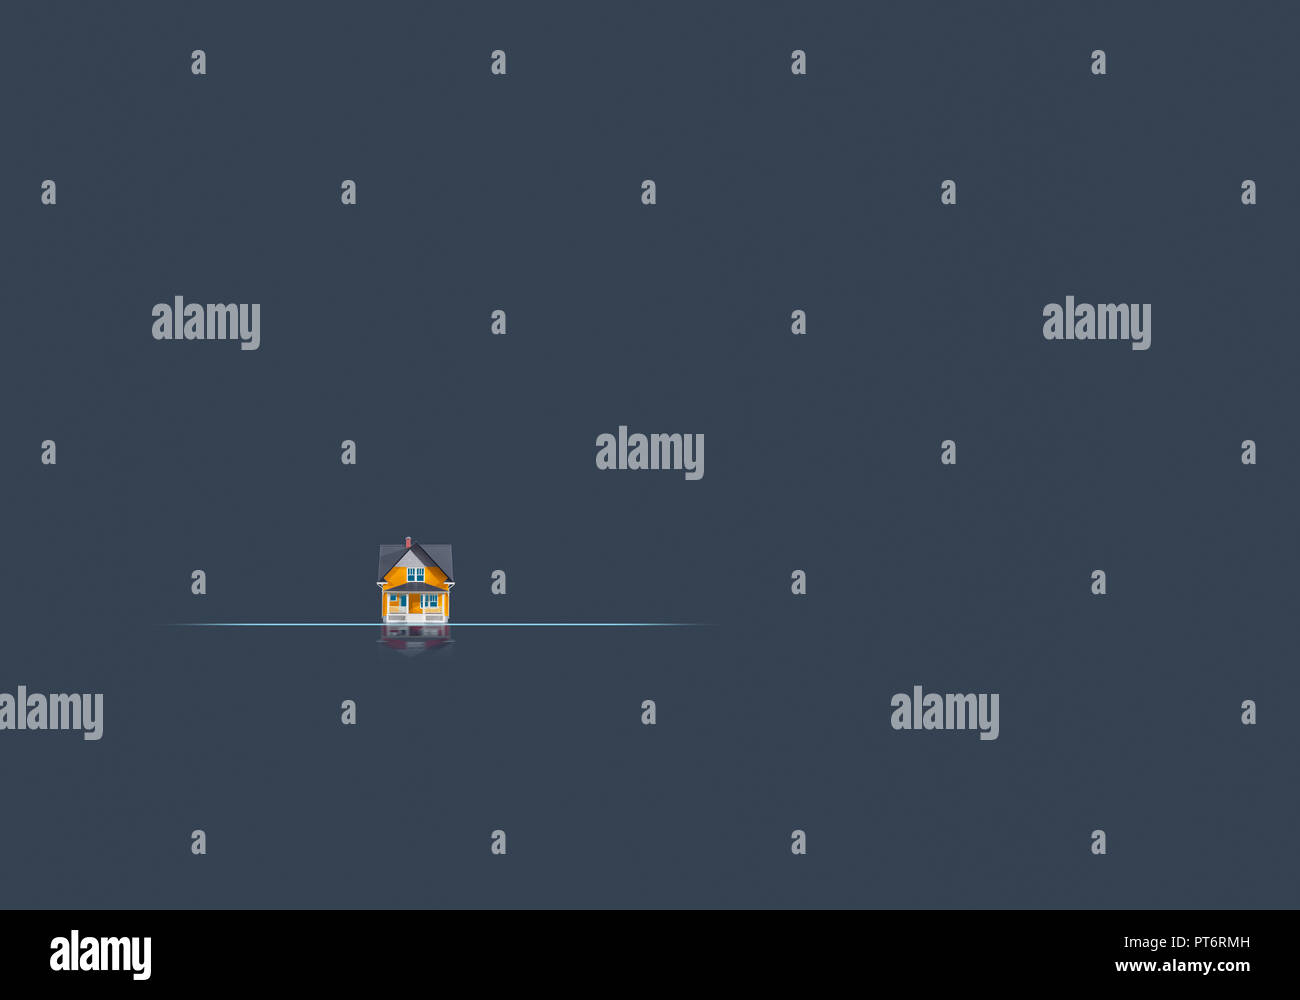 Konzept eine kleine Orange Haus entfernte, unerreichbares Ziel, kleines Hotel Stockbild